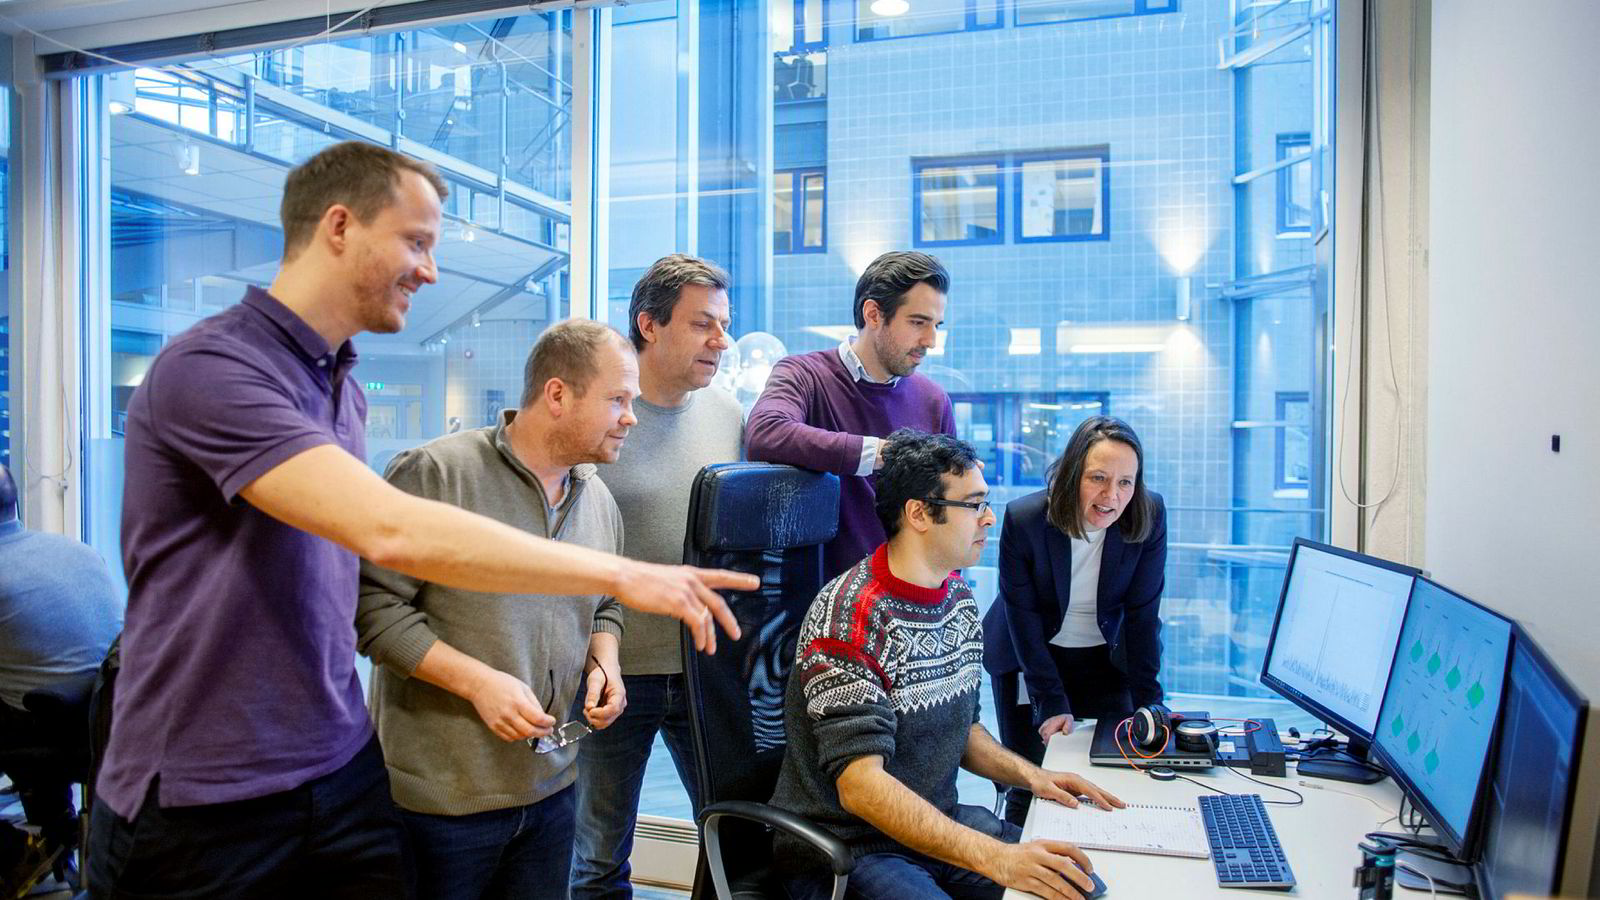 Det norske teknologiselskapet Novelda, med kun 35 ansatte, står bak teknologi som kan revolusjonere sensorbransjen. Fra venstre: Olav Liseth, Sigurd Pleym, Jan Roar Pleym, Eirik Hagem, Reza Parseh og Cornelia Mender.